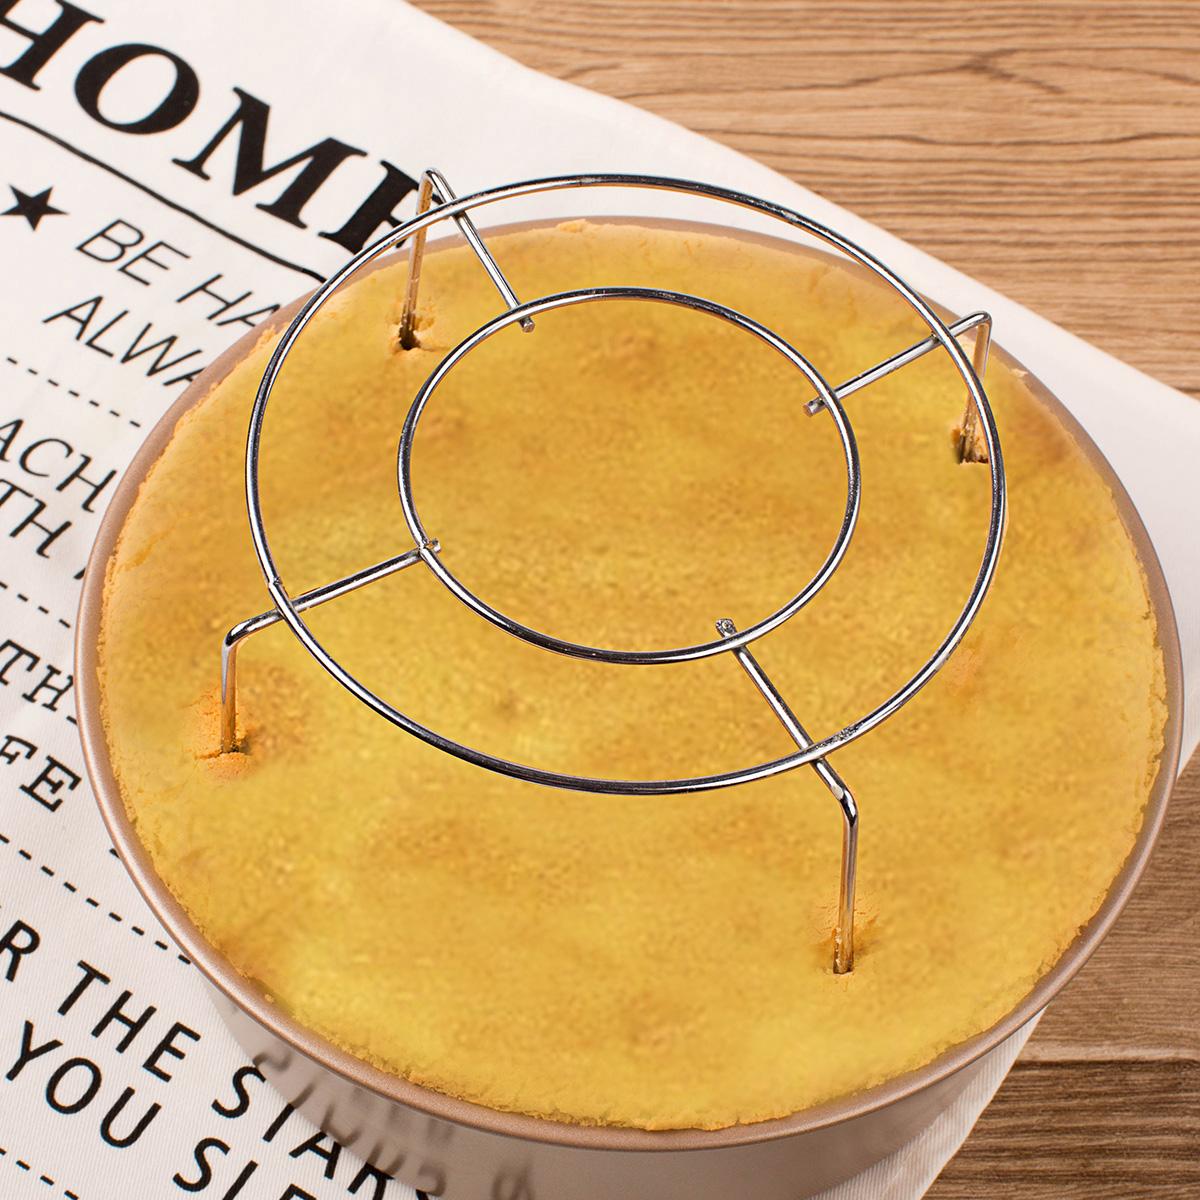 DIY выпекать выпекать инструмент 8 яйцо торт вилка прохладно жаркое полка вилка Sai чистый Qi ветер торт полка холодный но лить пряжка полка 1 только